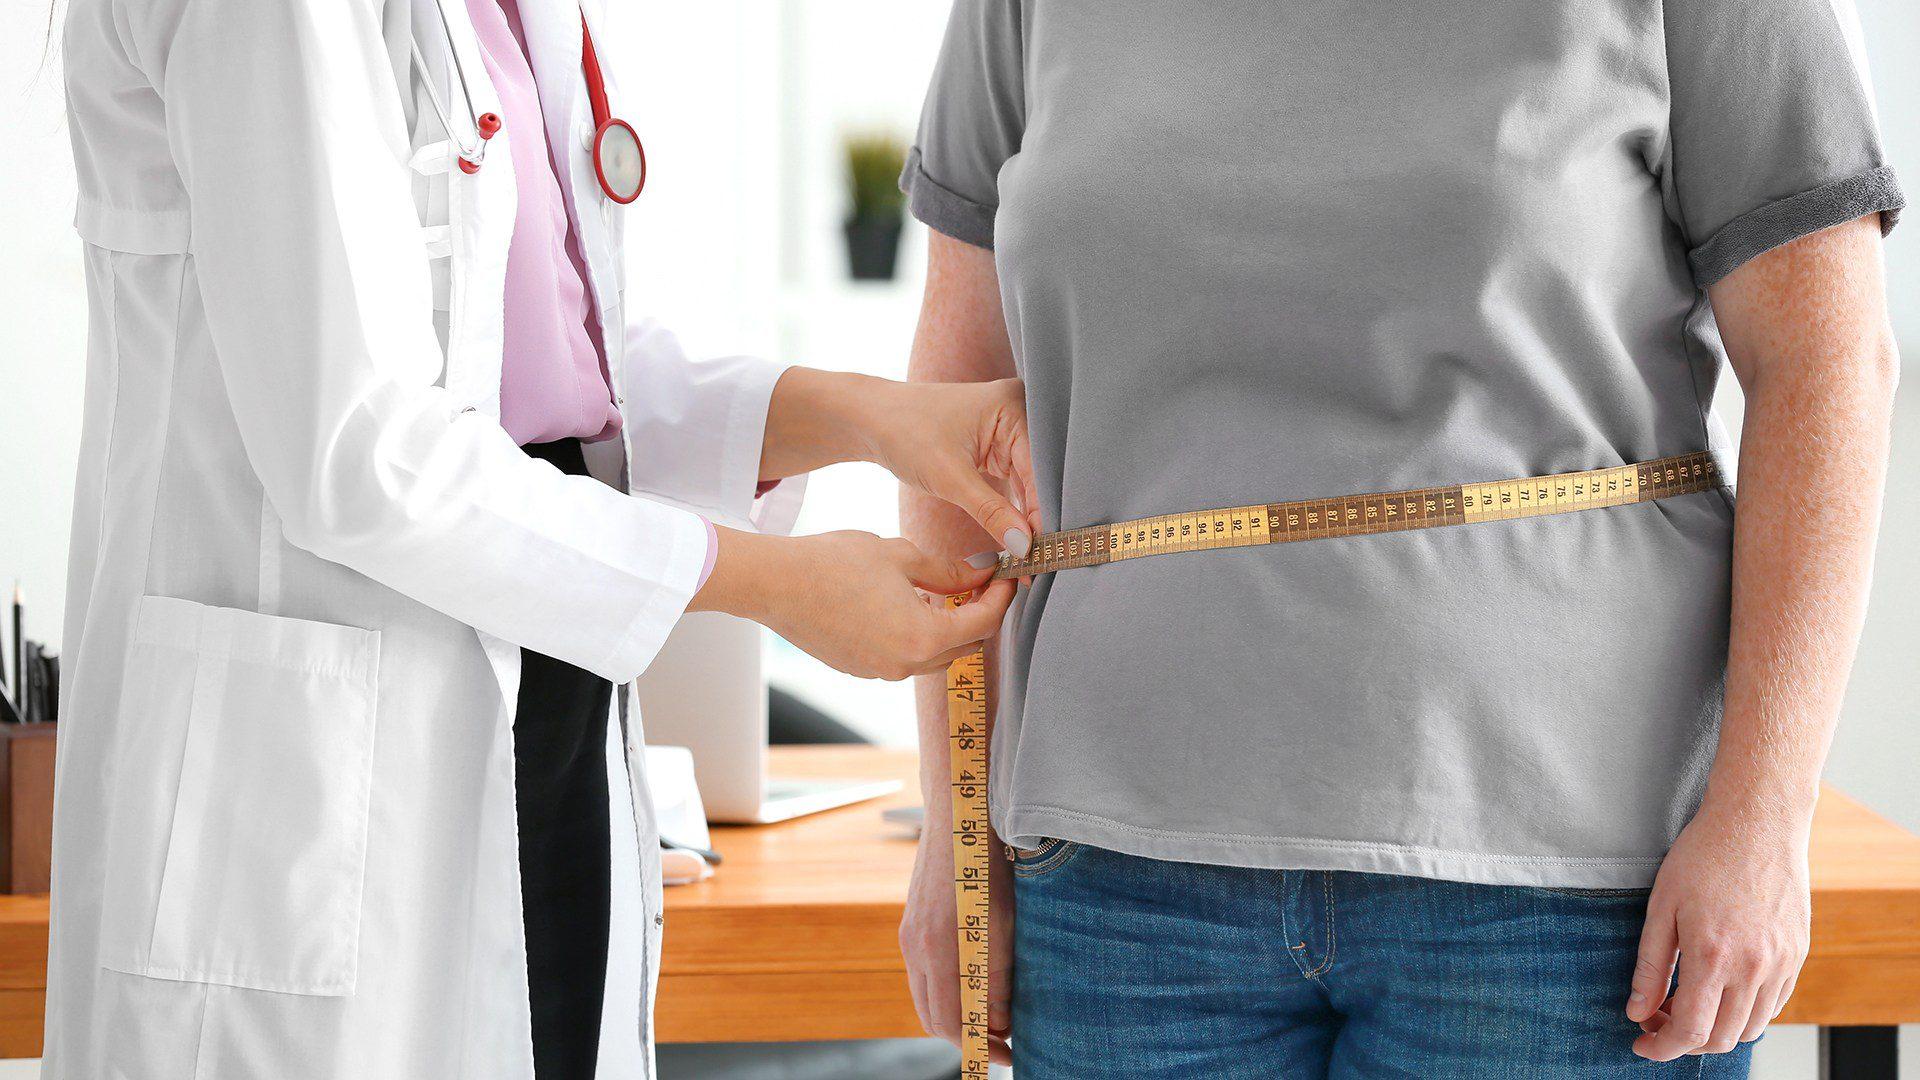 Neurología funcional: cómo la obesidad puede afectar la salud del cerebro | Quiropráctico en El Paso, TX